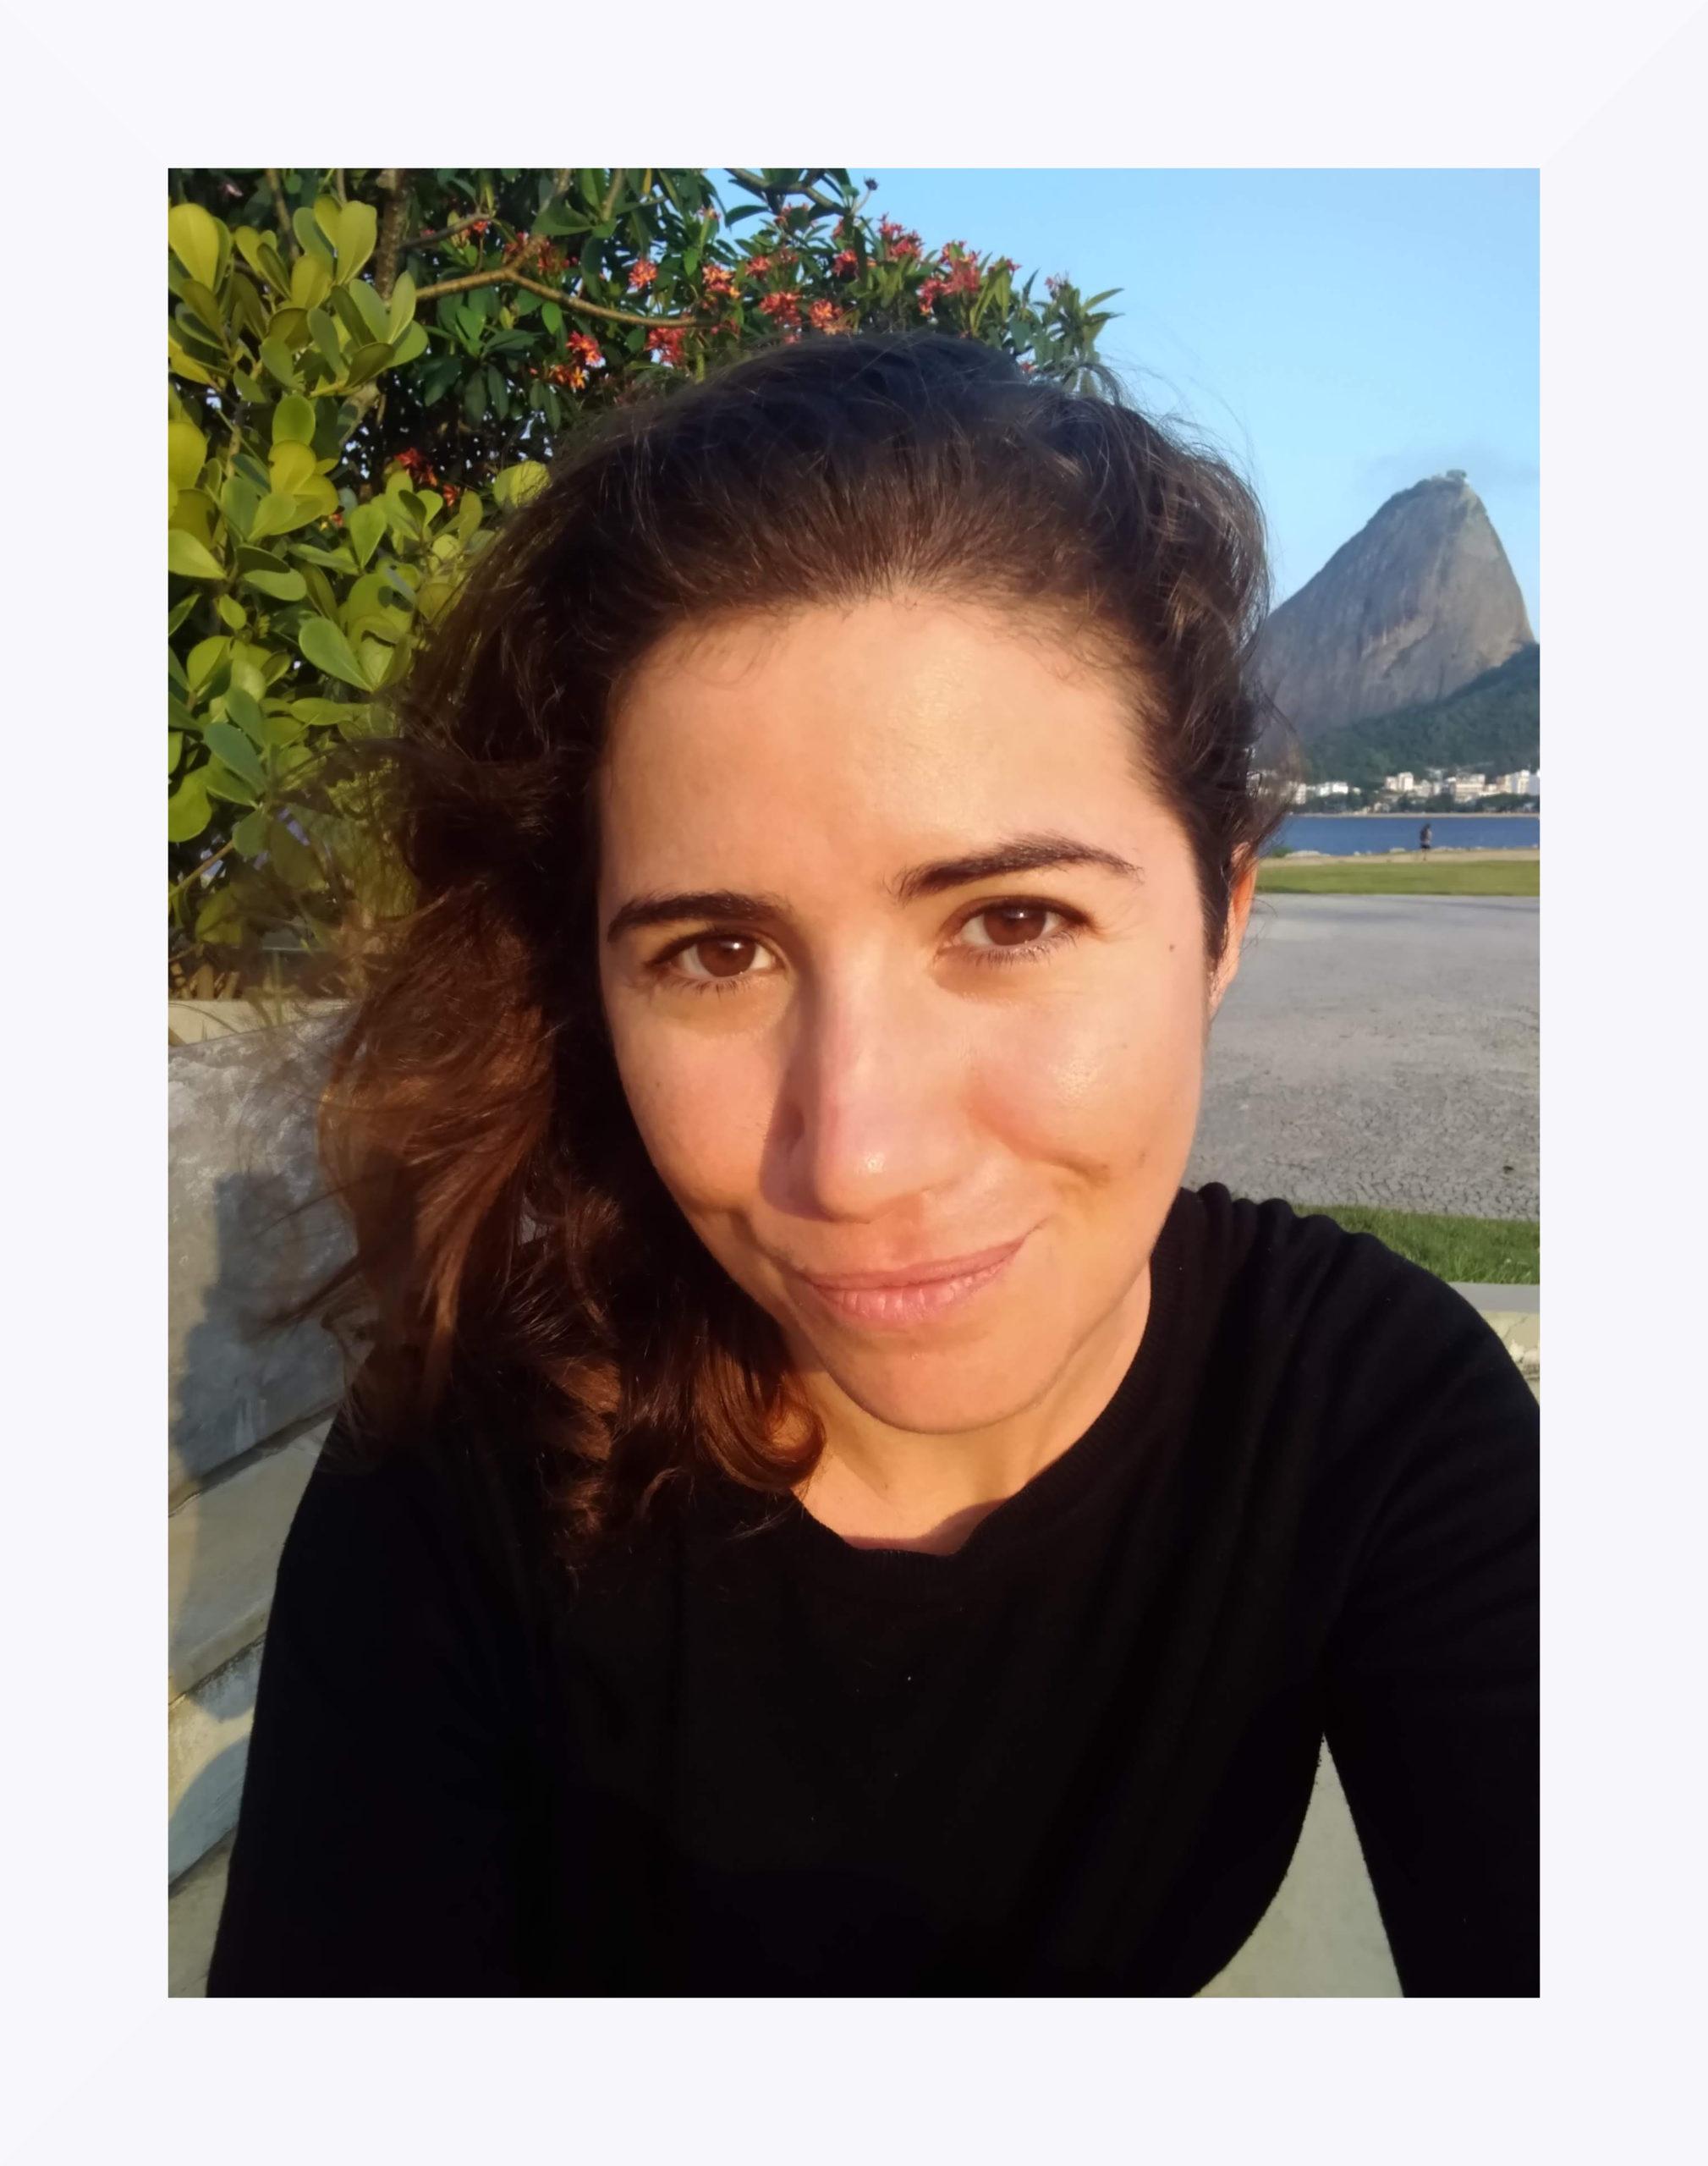 Rafaela Medeiros